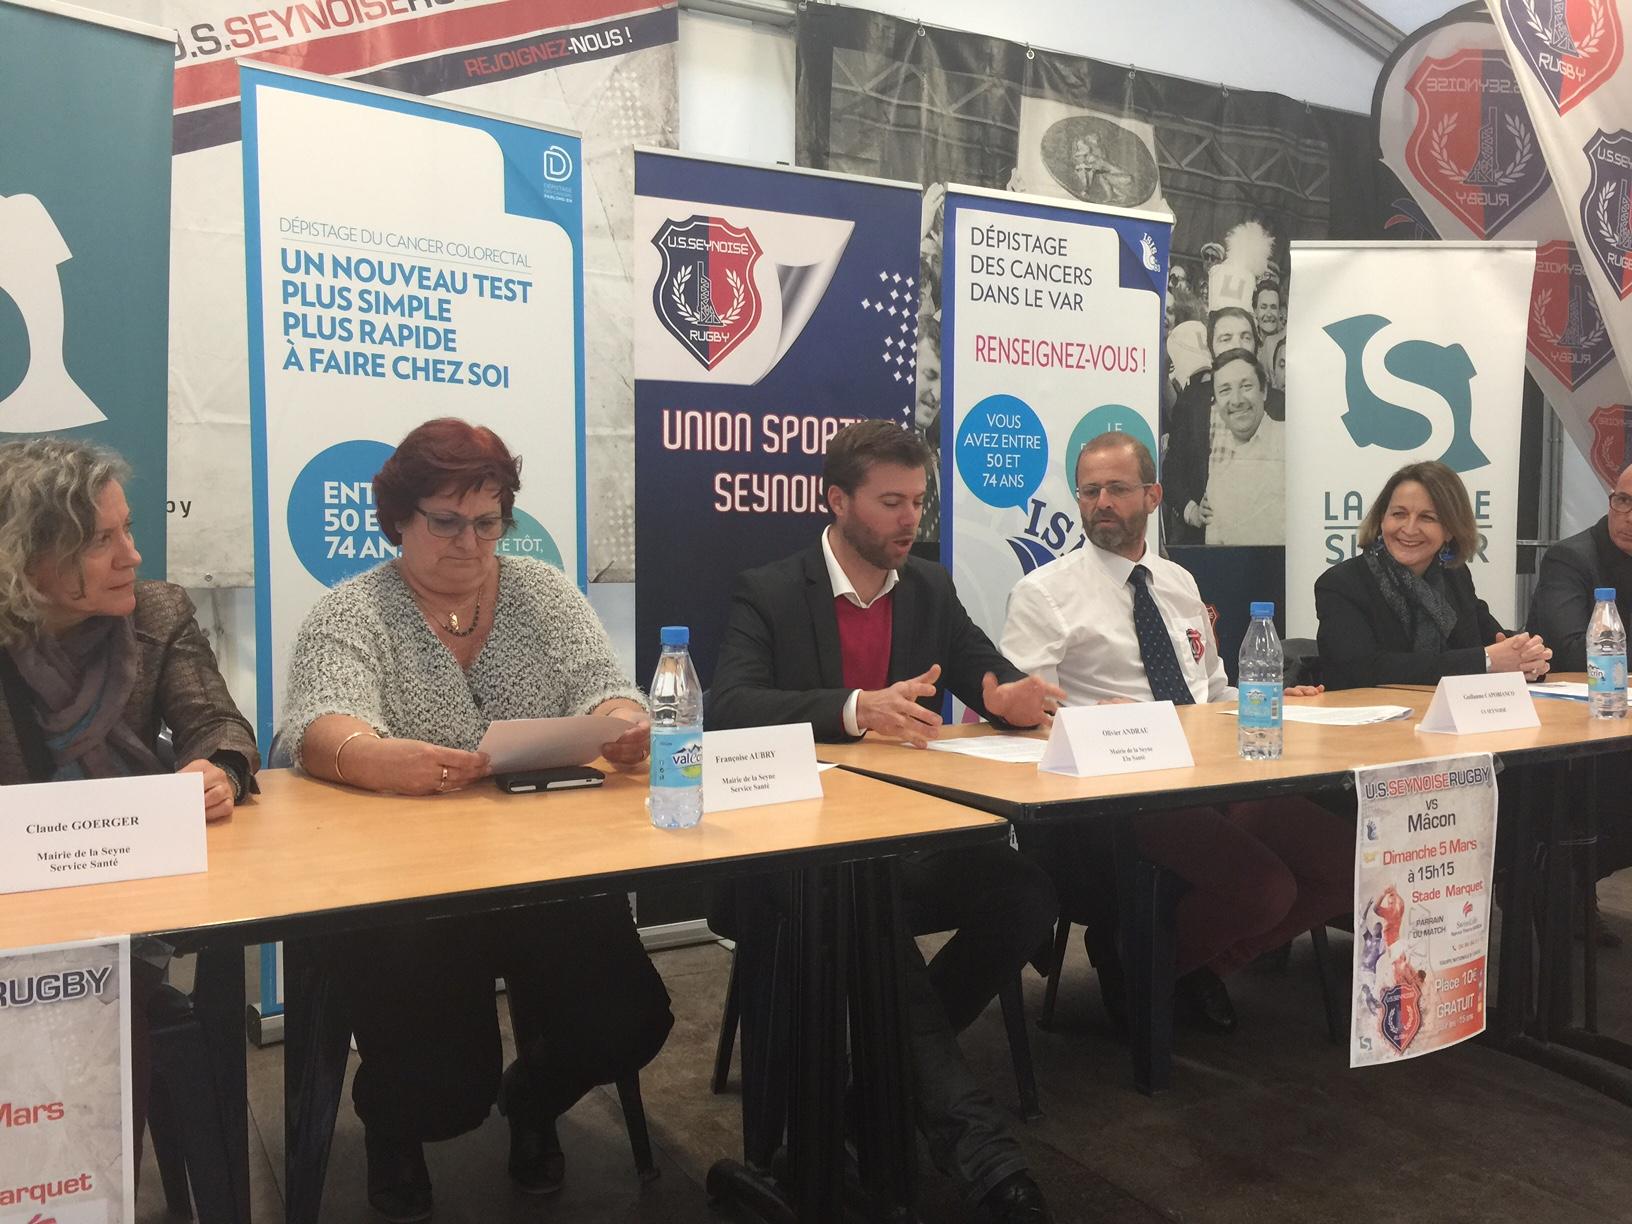 Rugby : Mars bleu à La Seyne avec une action de sensibilisation au dépistage du cancer colorectal